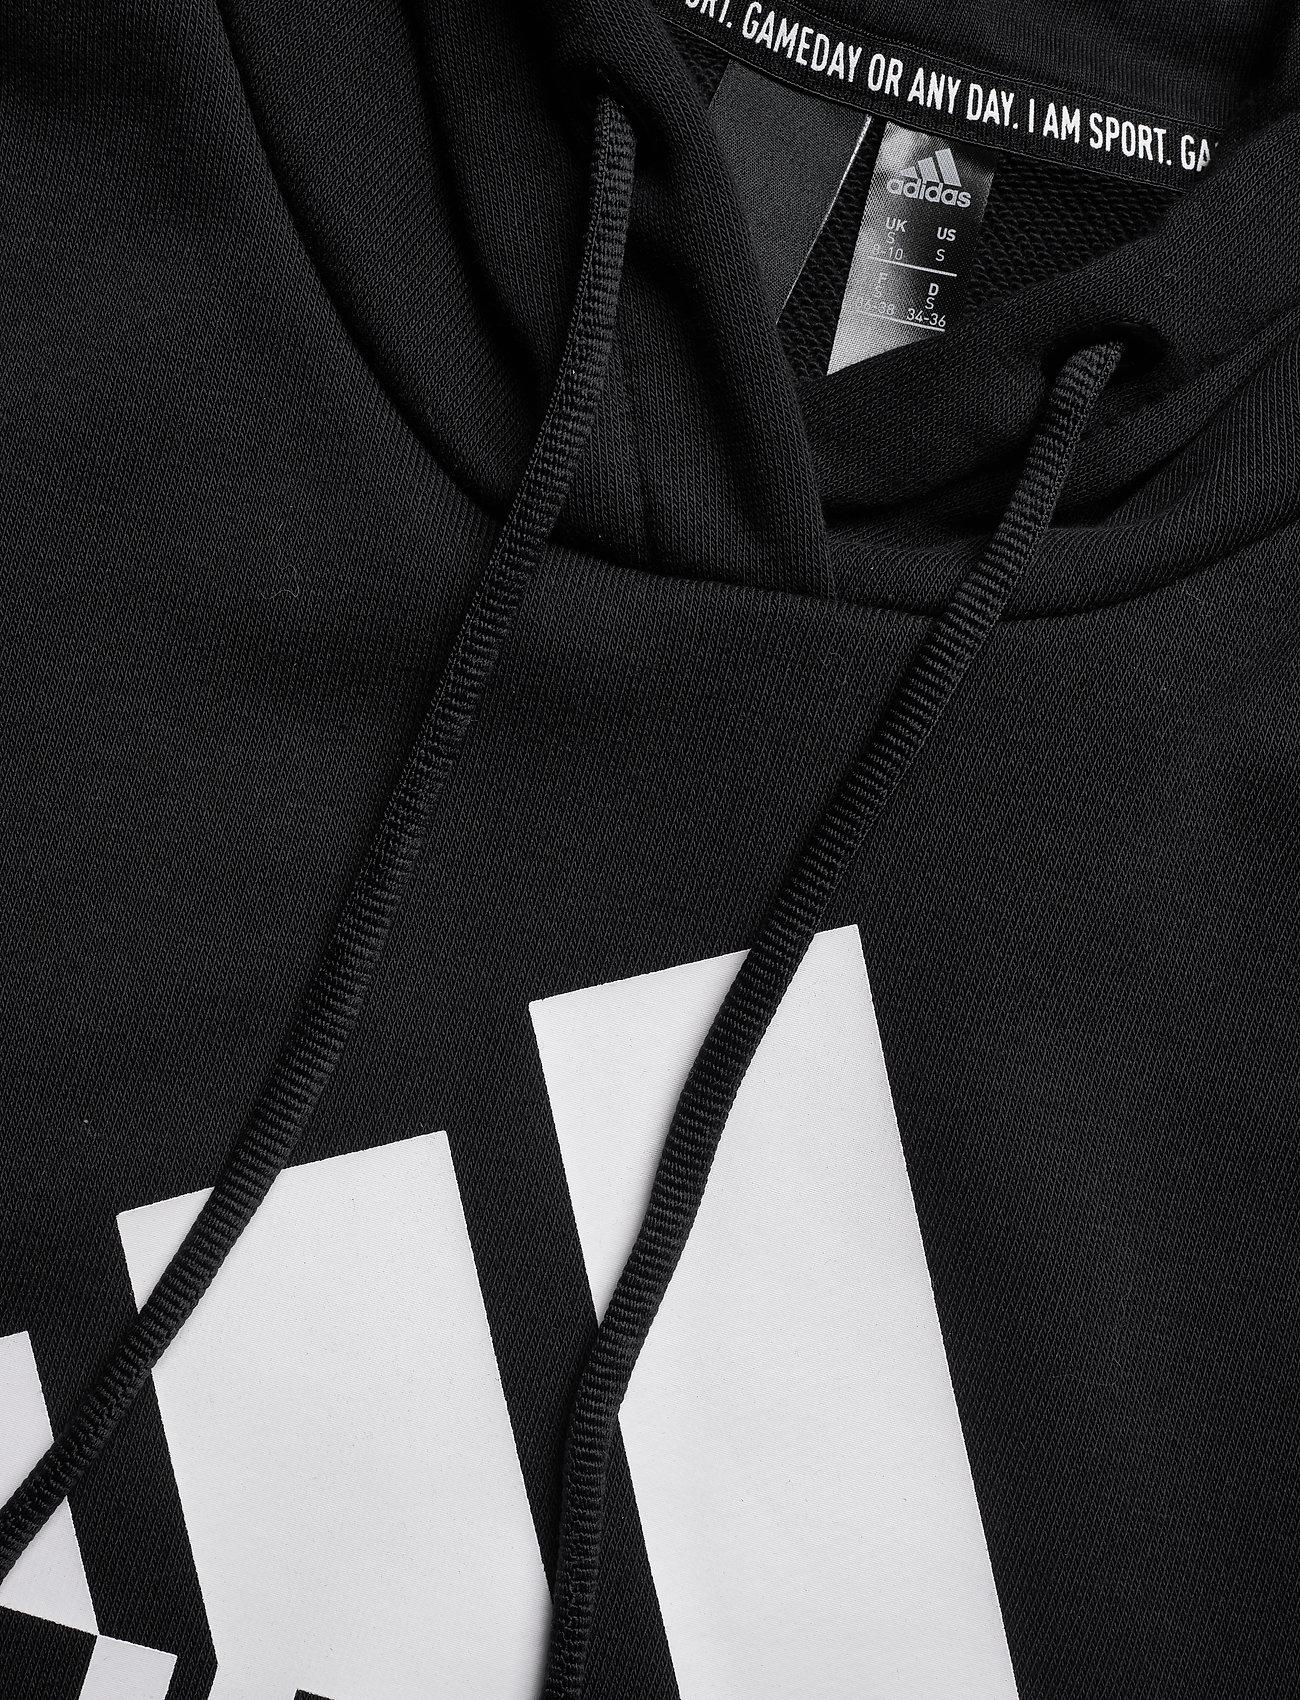 W Bos Long Hd (Black/white) (384.30 kr) - adidas Performance